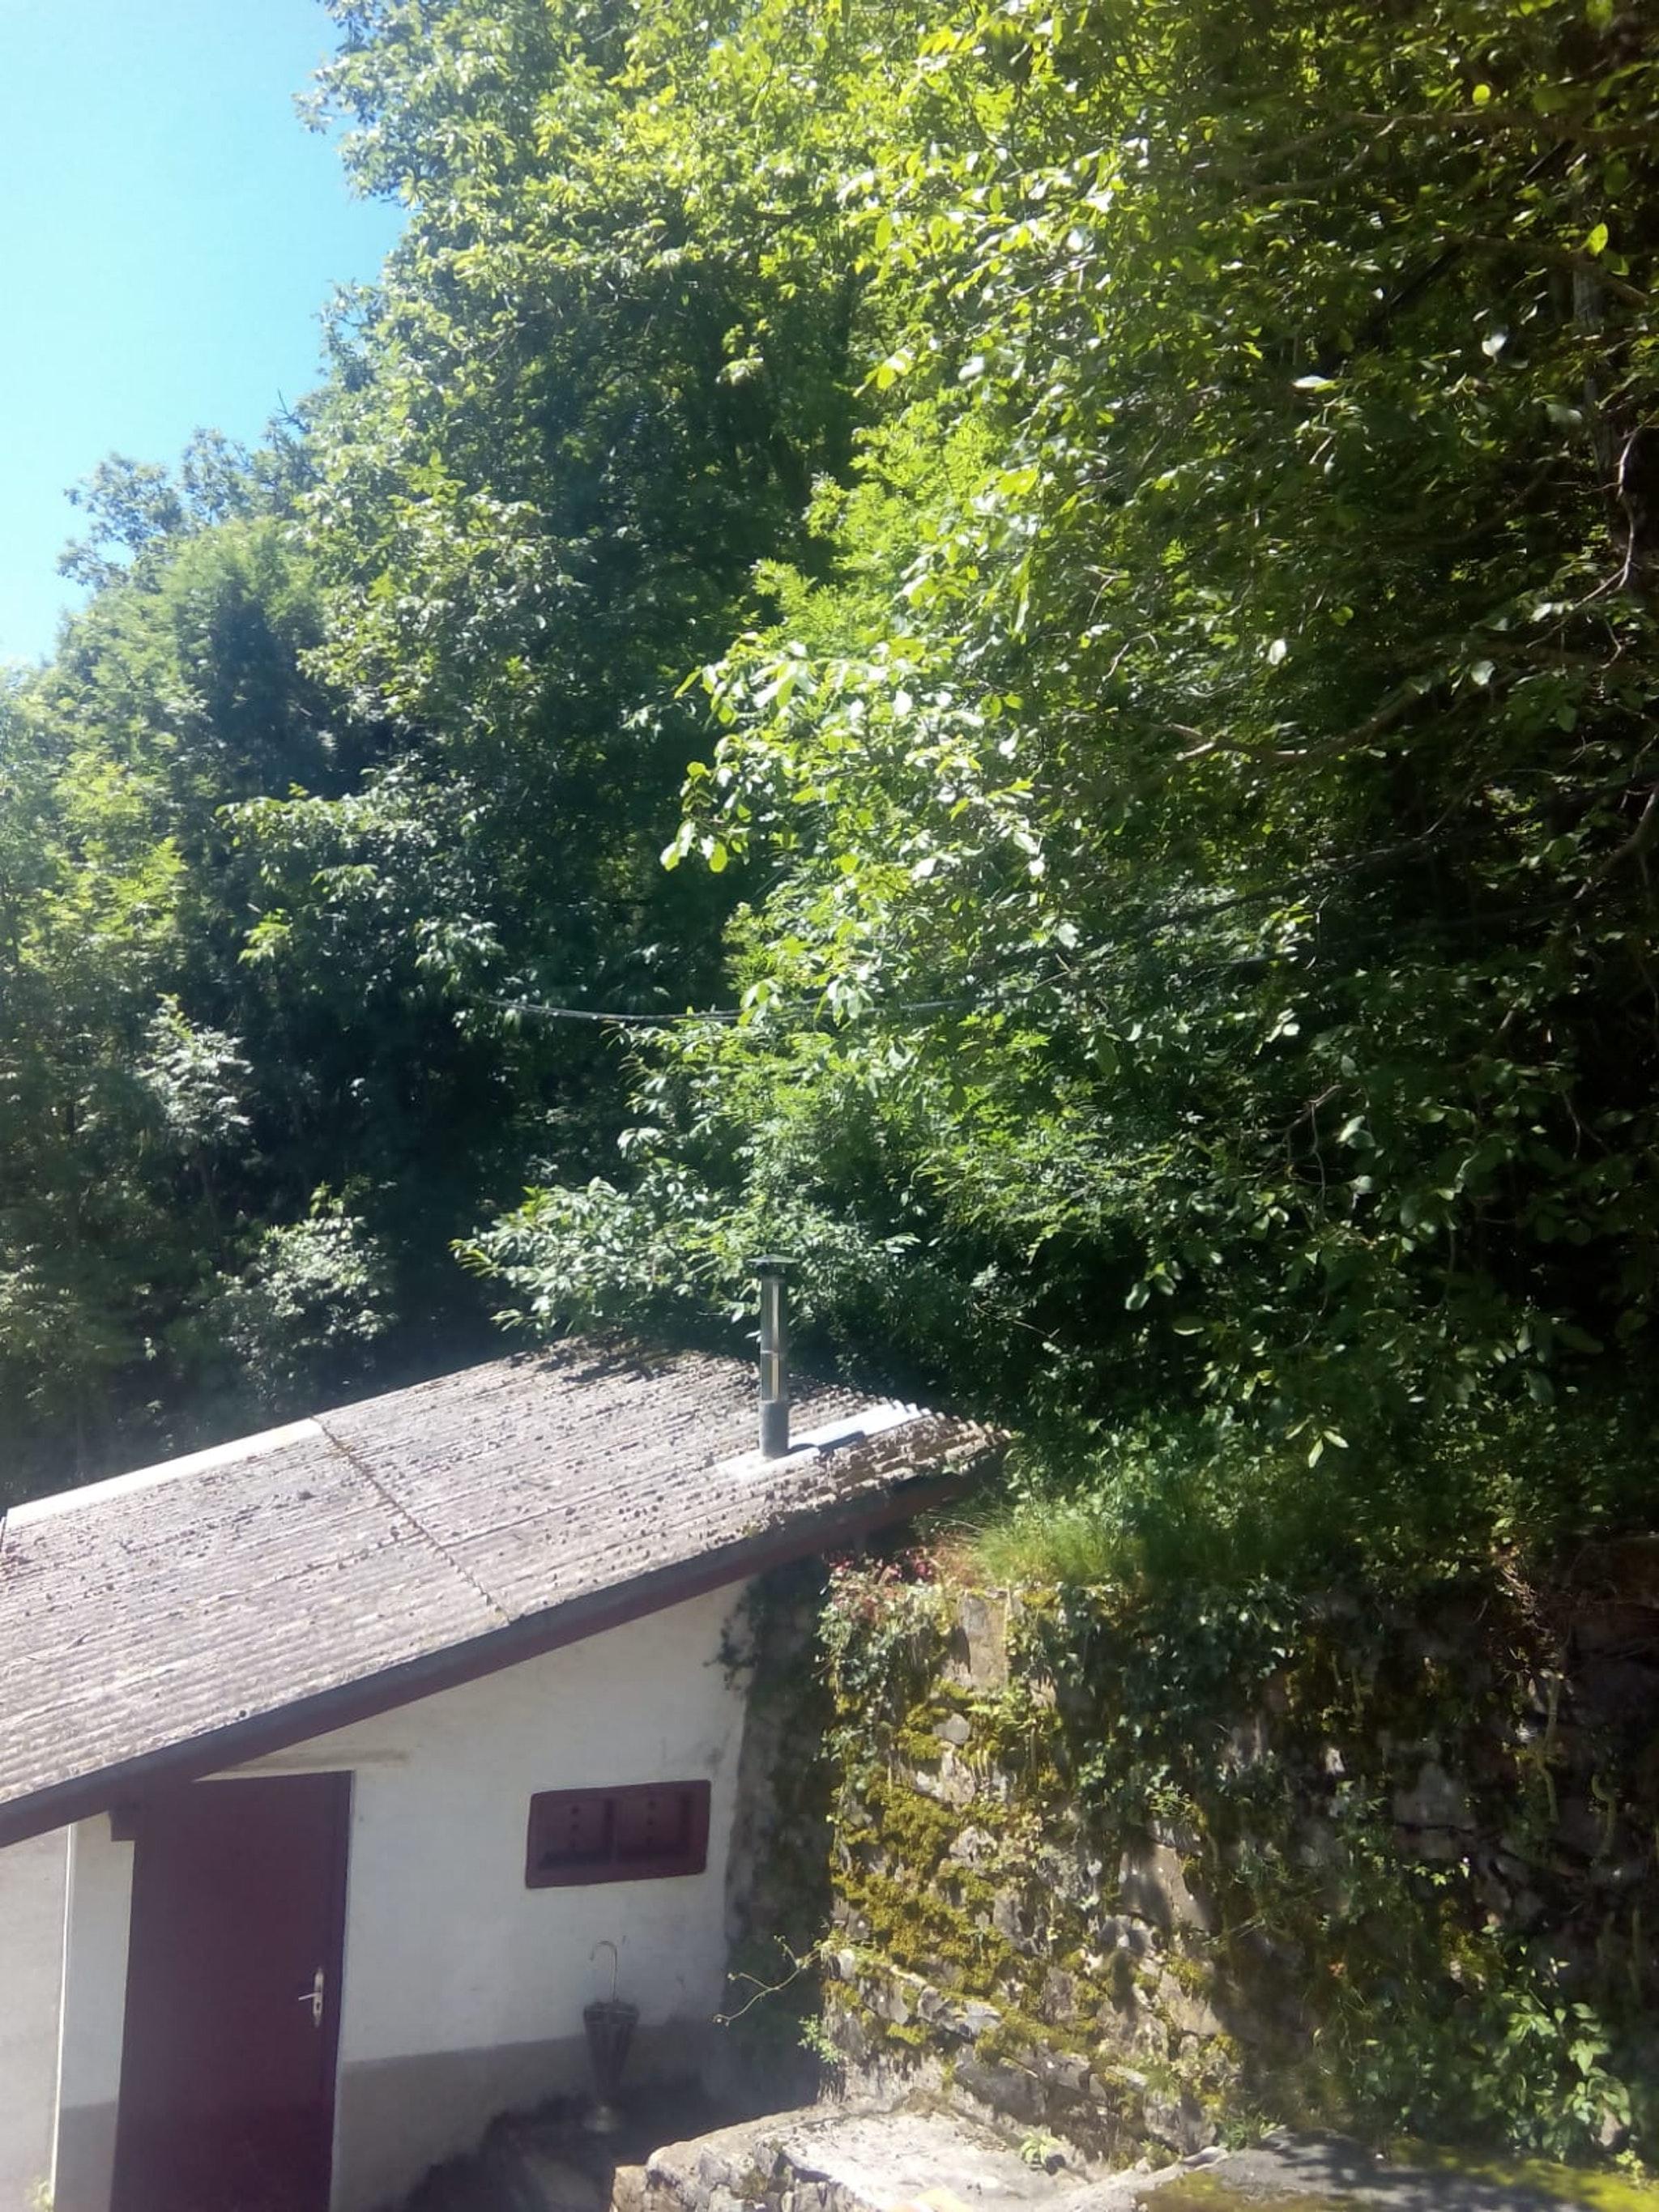 Ferienhaus Haus mit 4 Schlafzimmern in Valcarlos mit toller Aussicht auf die Berge, eingezäuntem Gart (2519329), Gañecoleta, , Navarra, Spanien, Bild 17